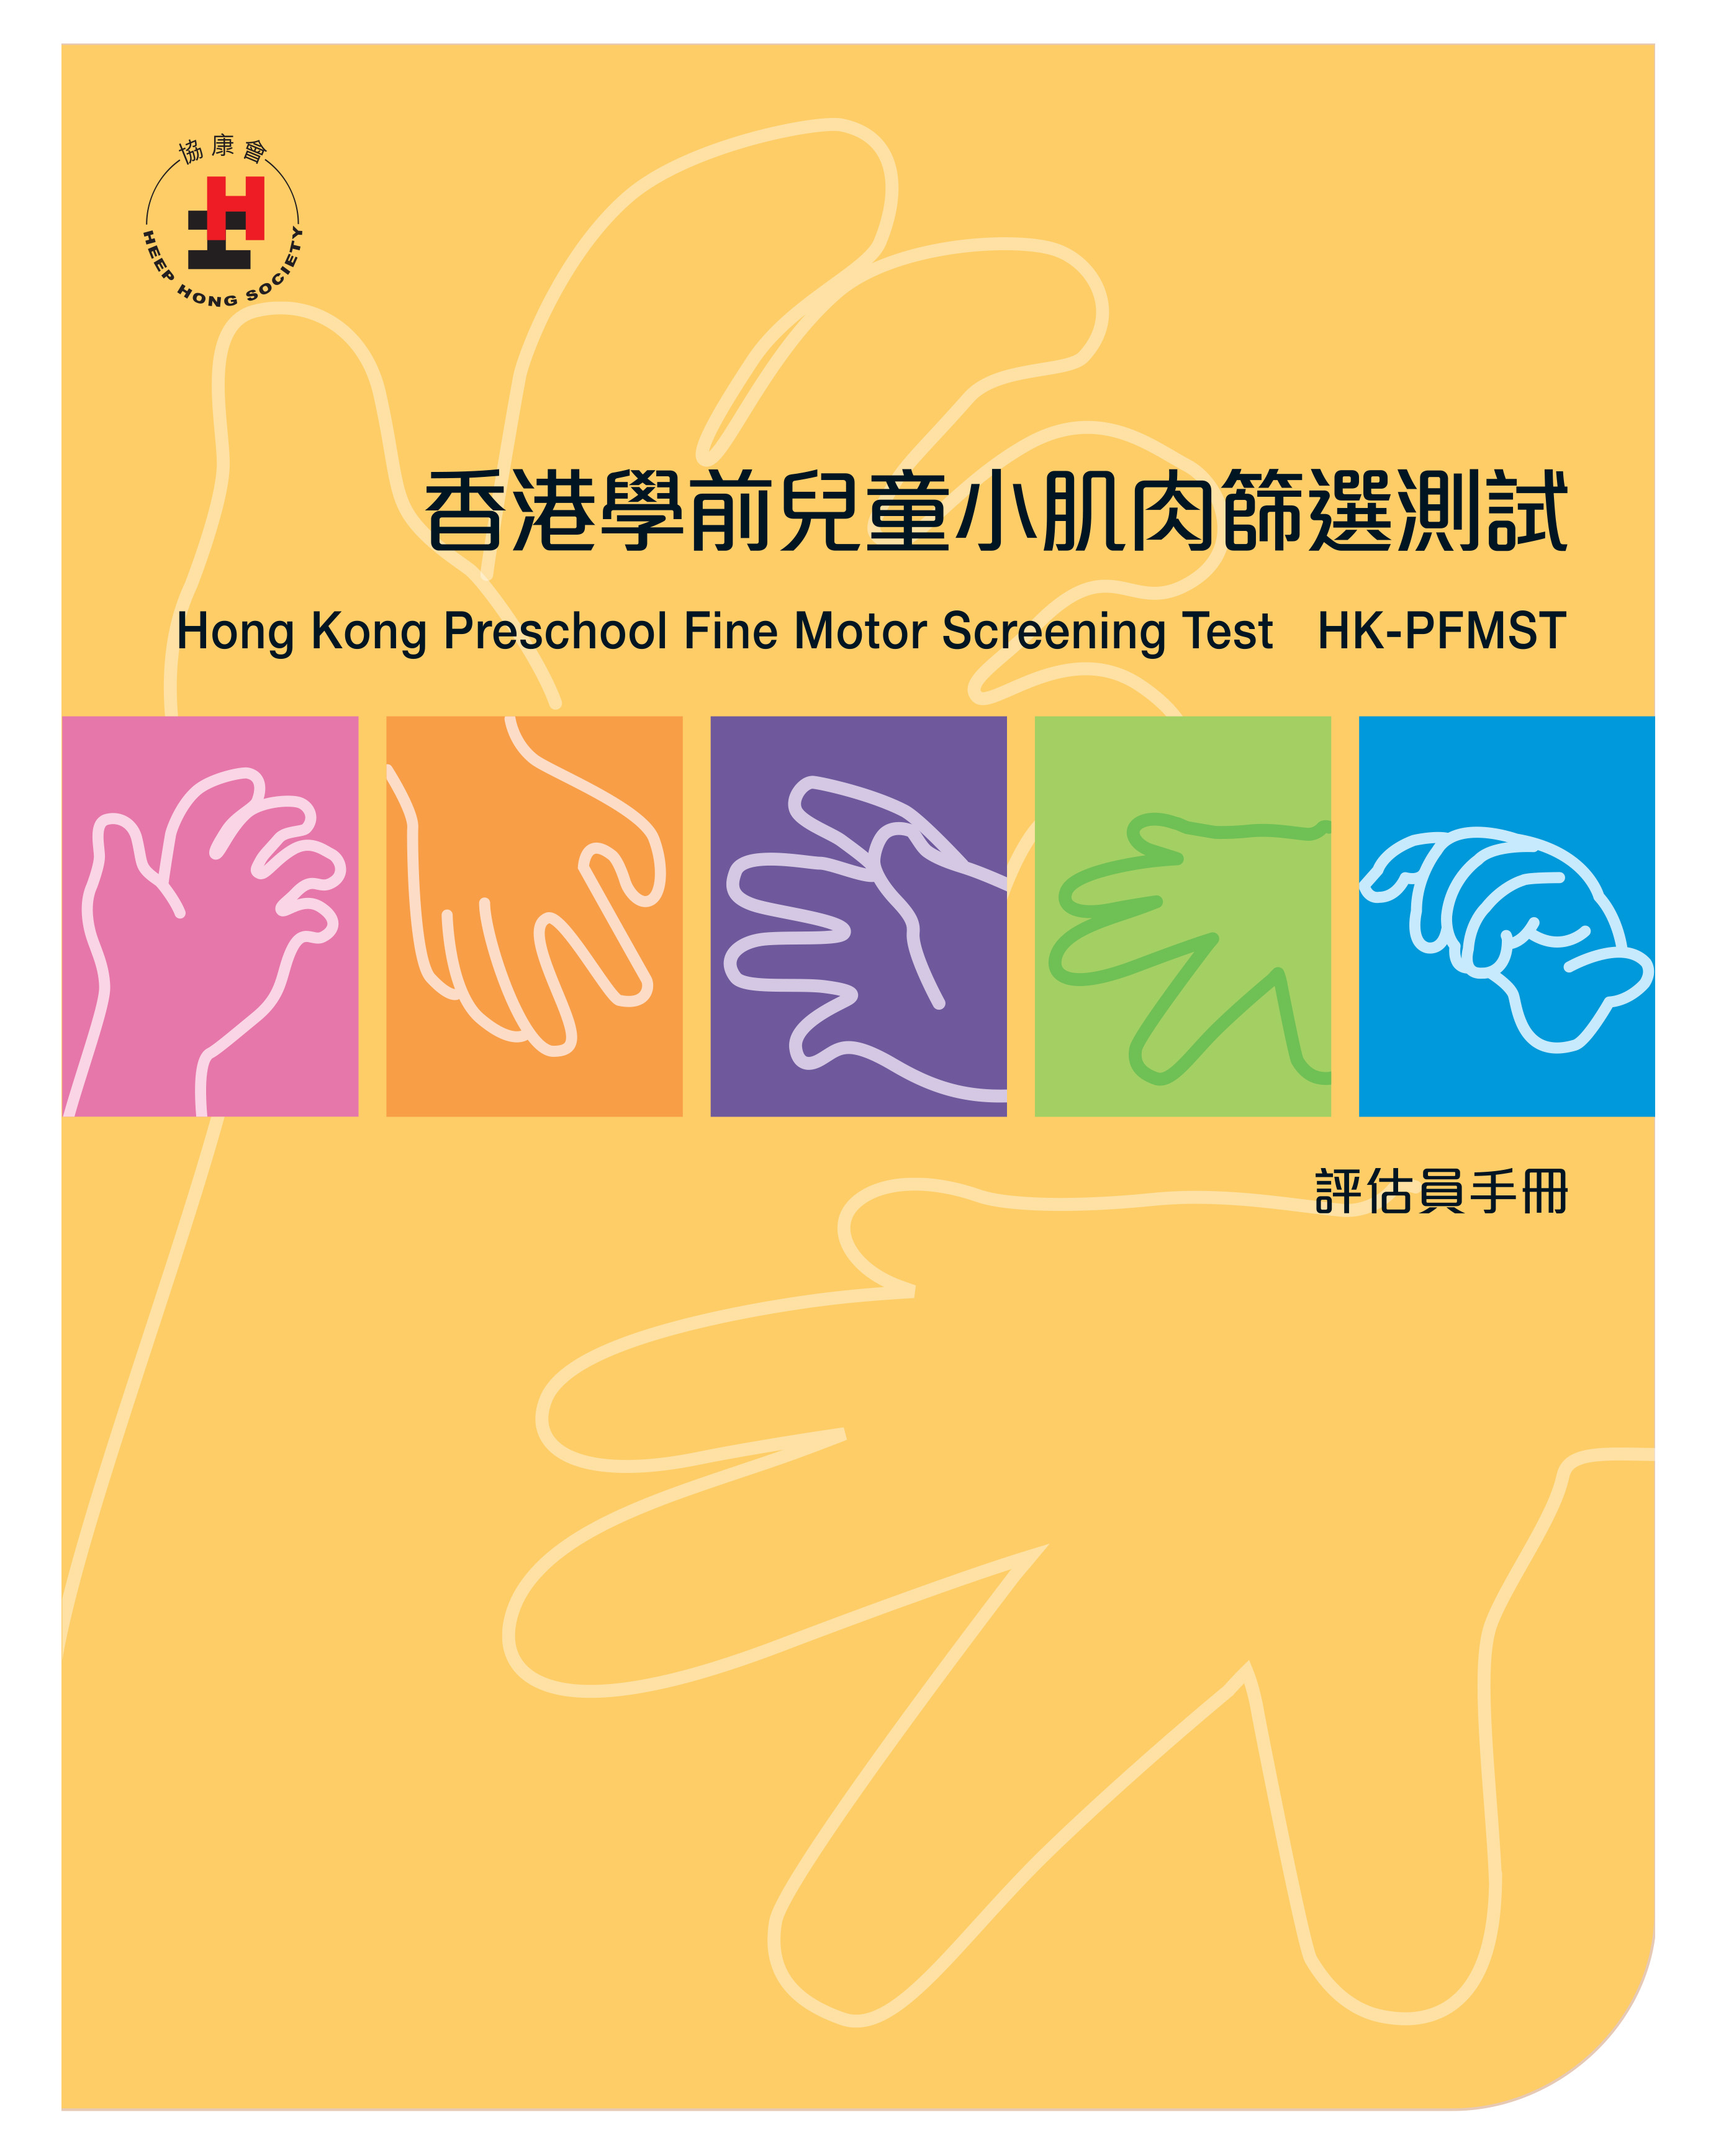 《香港學前兒童小肌肉篩選測試 ─ 評估員手冊》及評估工具套